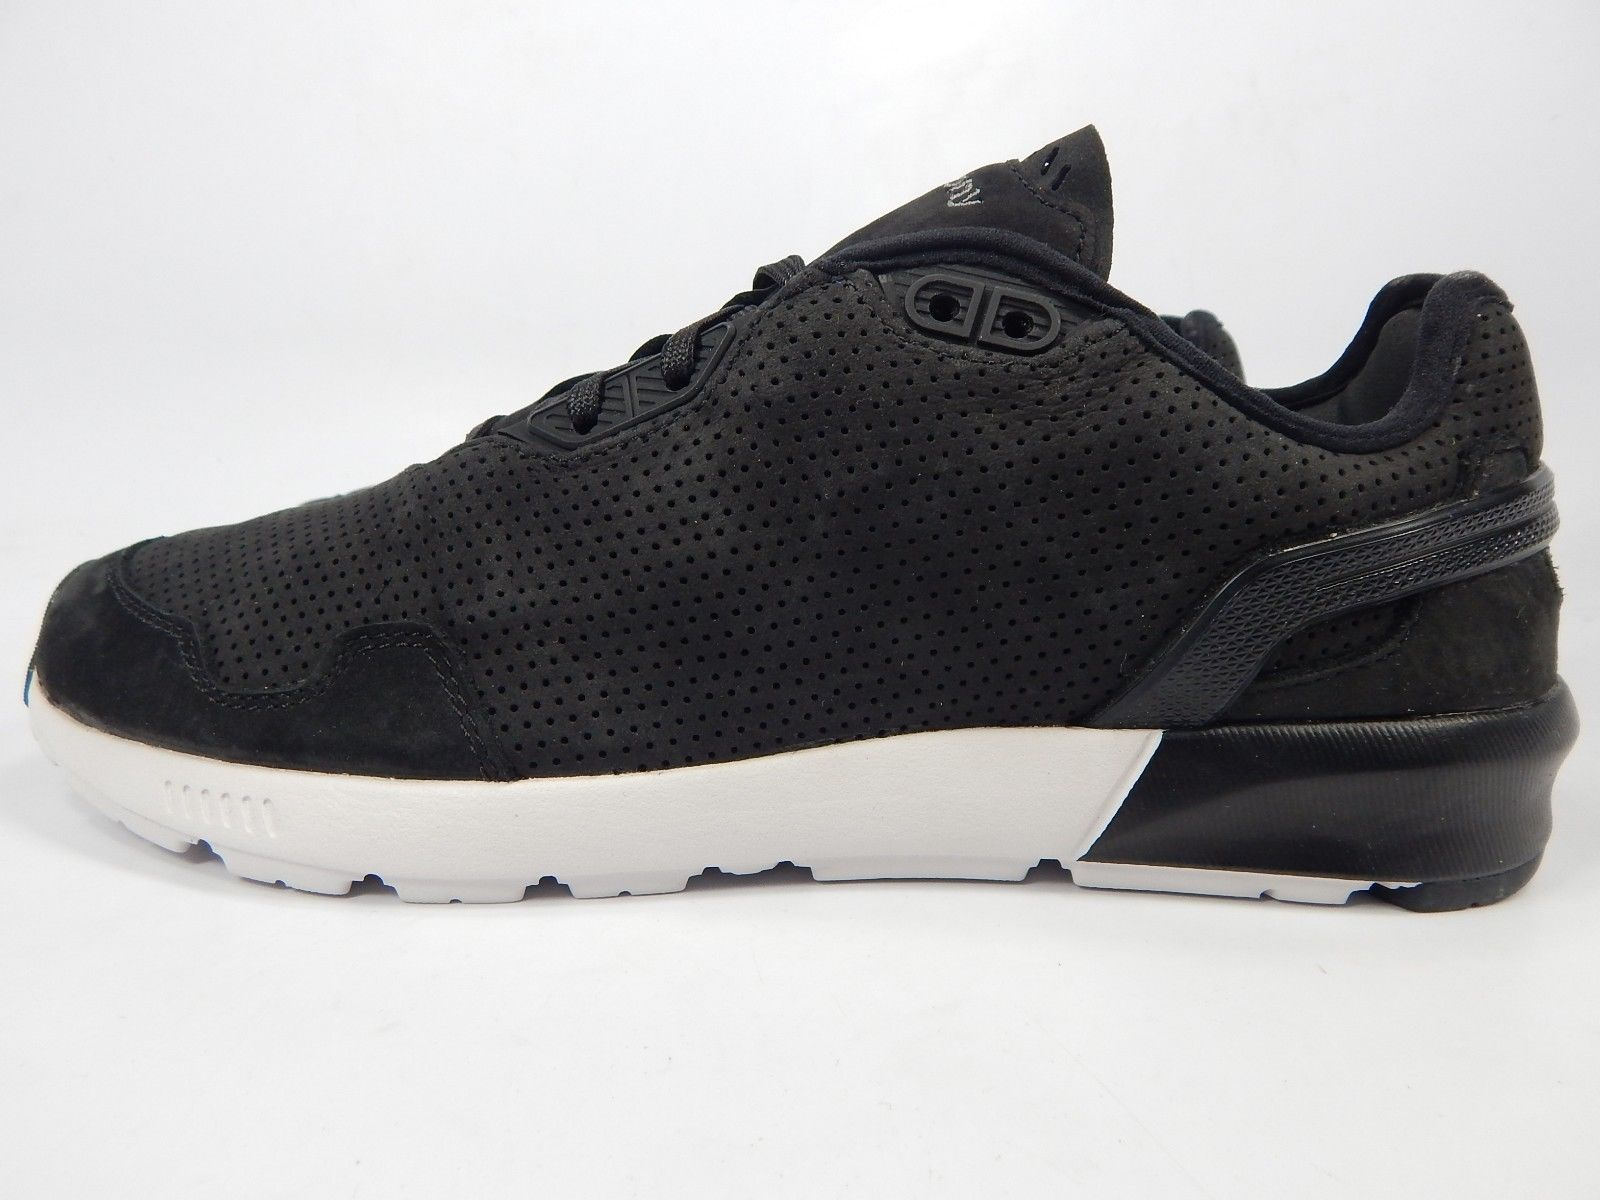 Saucony Shadow 5K 5000 Mod Original Men's Shoes S40016-2 Size 9 M (D) EU 42.5